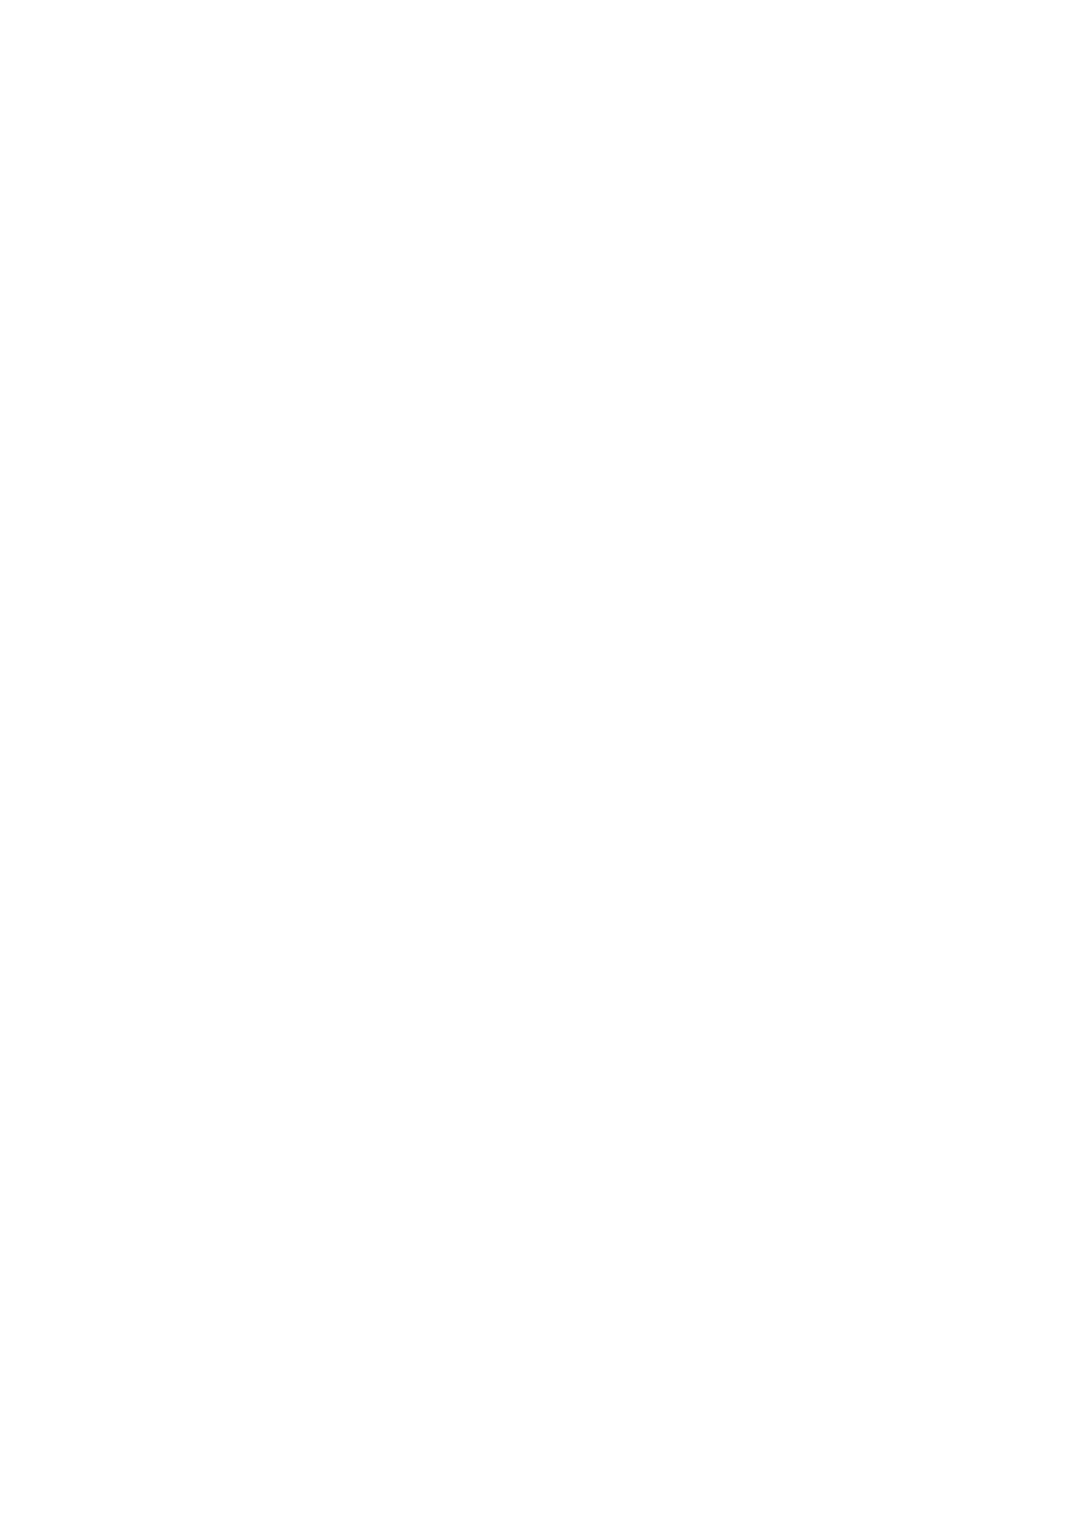 【エロ同人誌】人形化の首輪と呼ばれる悪魔のアイテムを使ってある男に復讐のターゲットにされた女魔術師…まんまと罠に嵌り小人化され媚薬が入った試験管に監禁されてしまう!【PitaPita (Pita):人形化の首輪:女魔術師編】